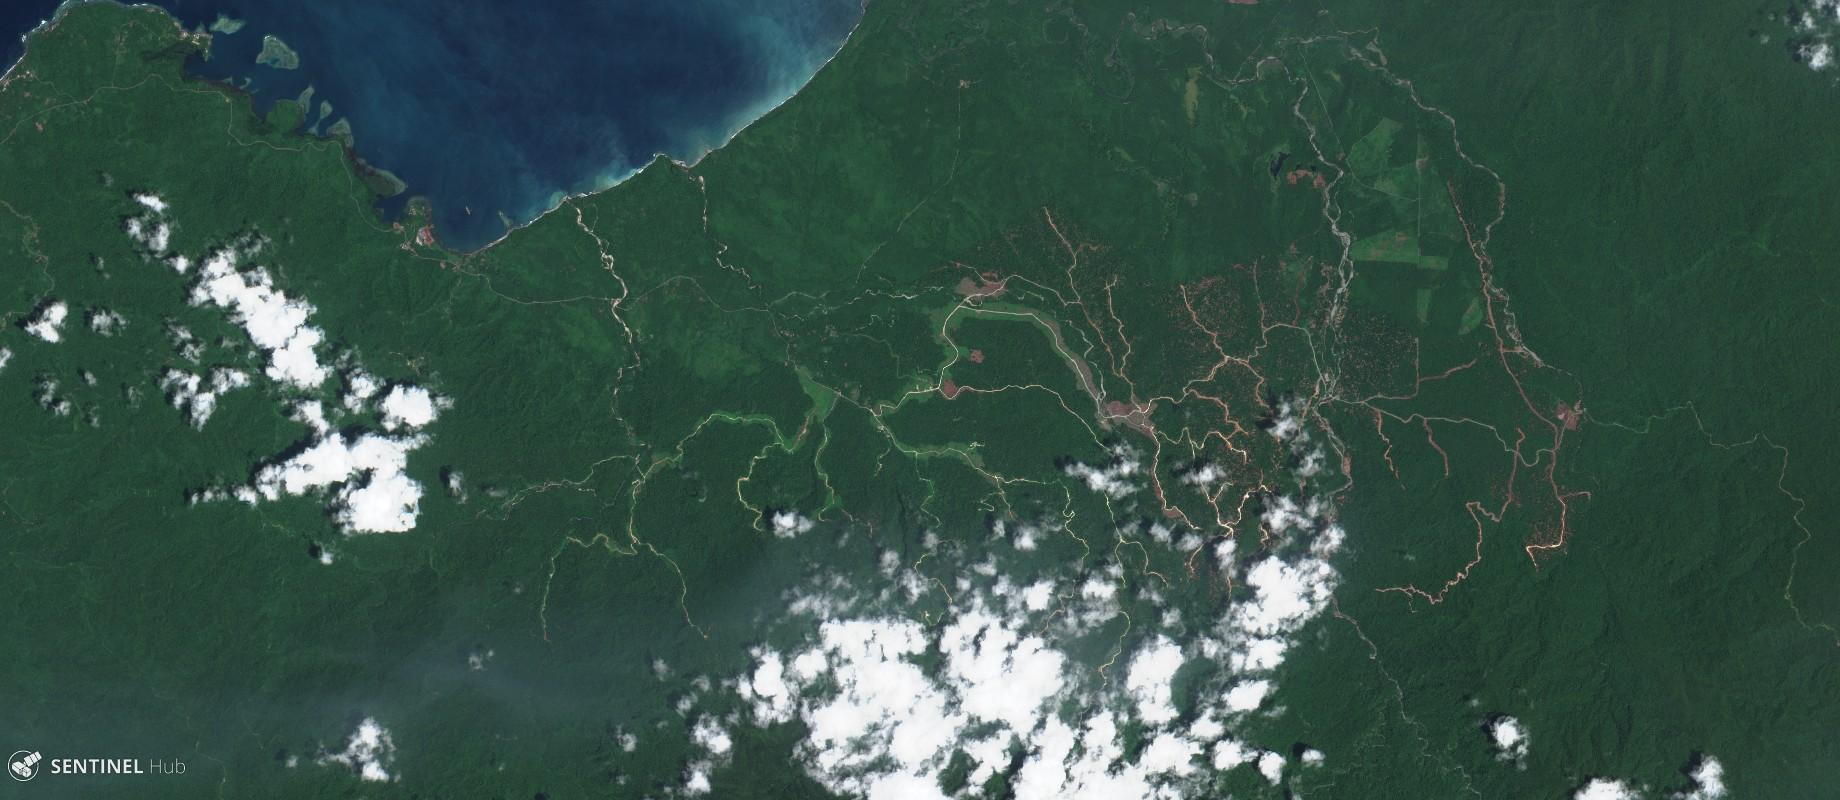 Sentinel-2 image on 2017-10-28